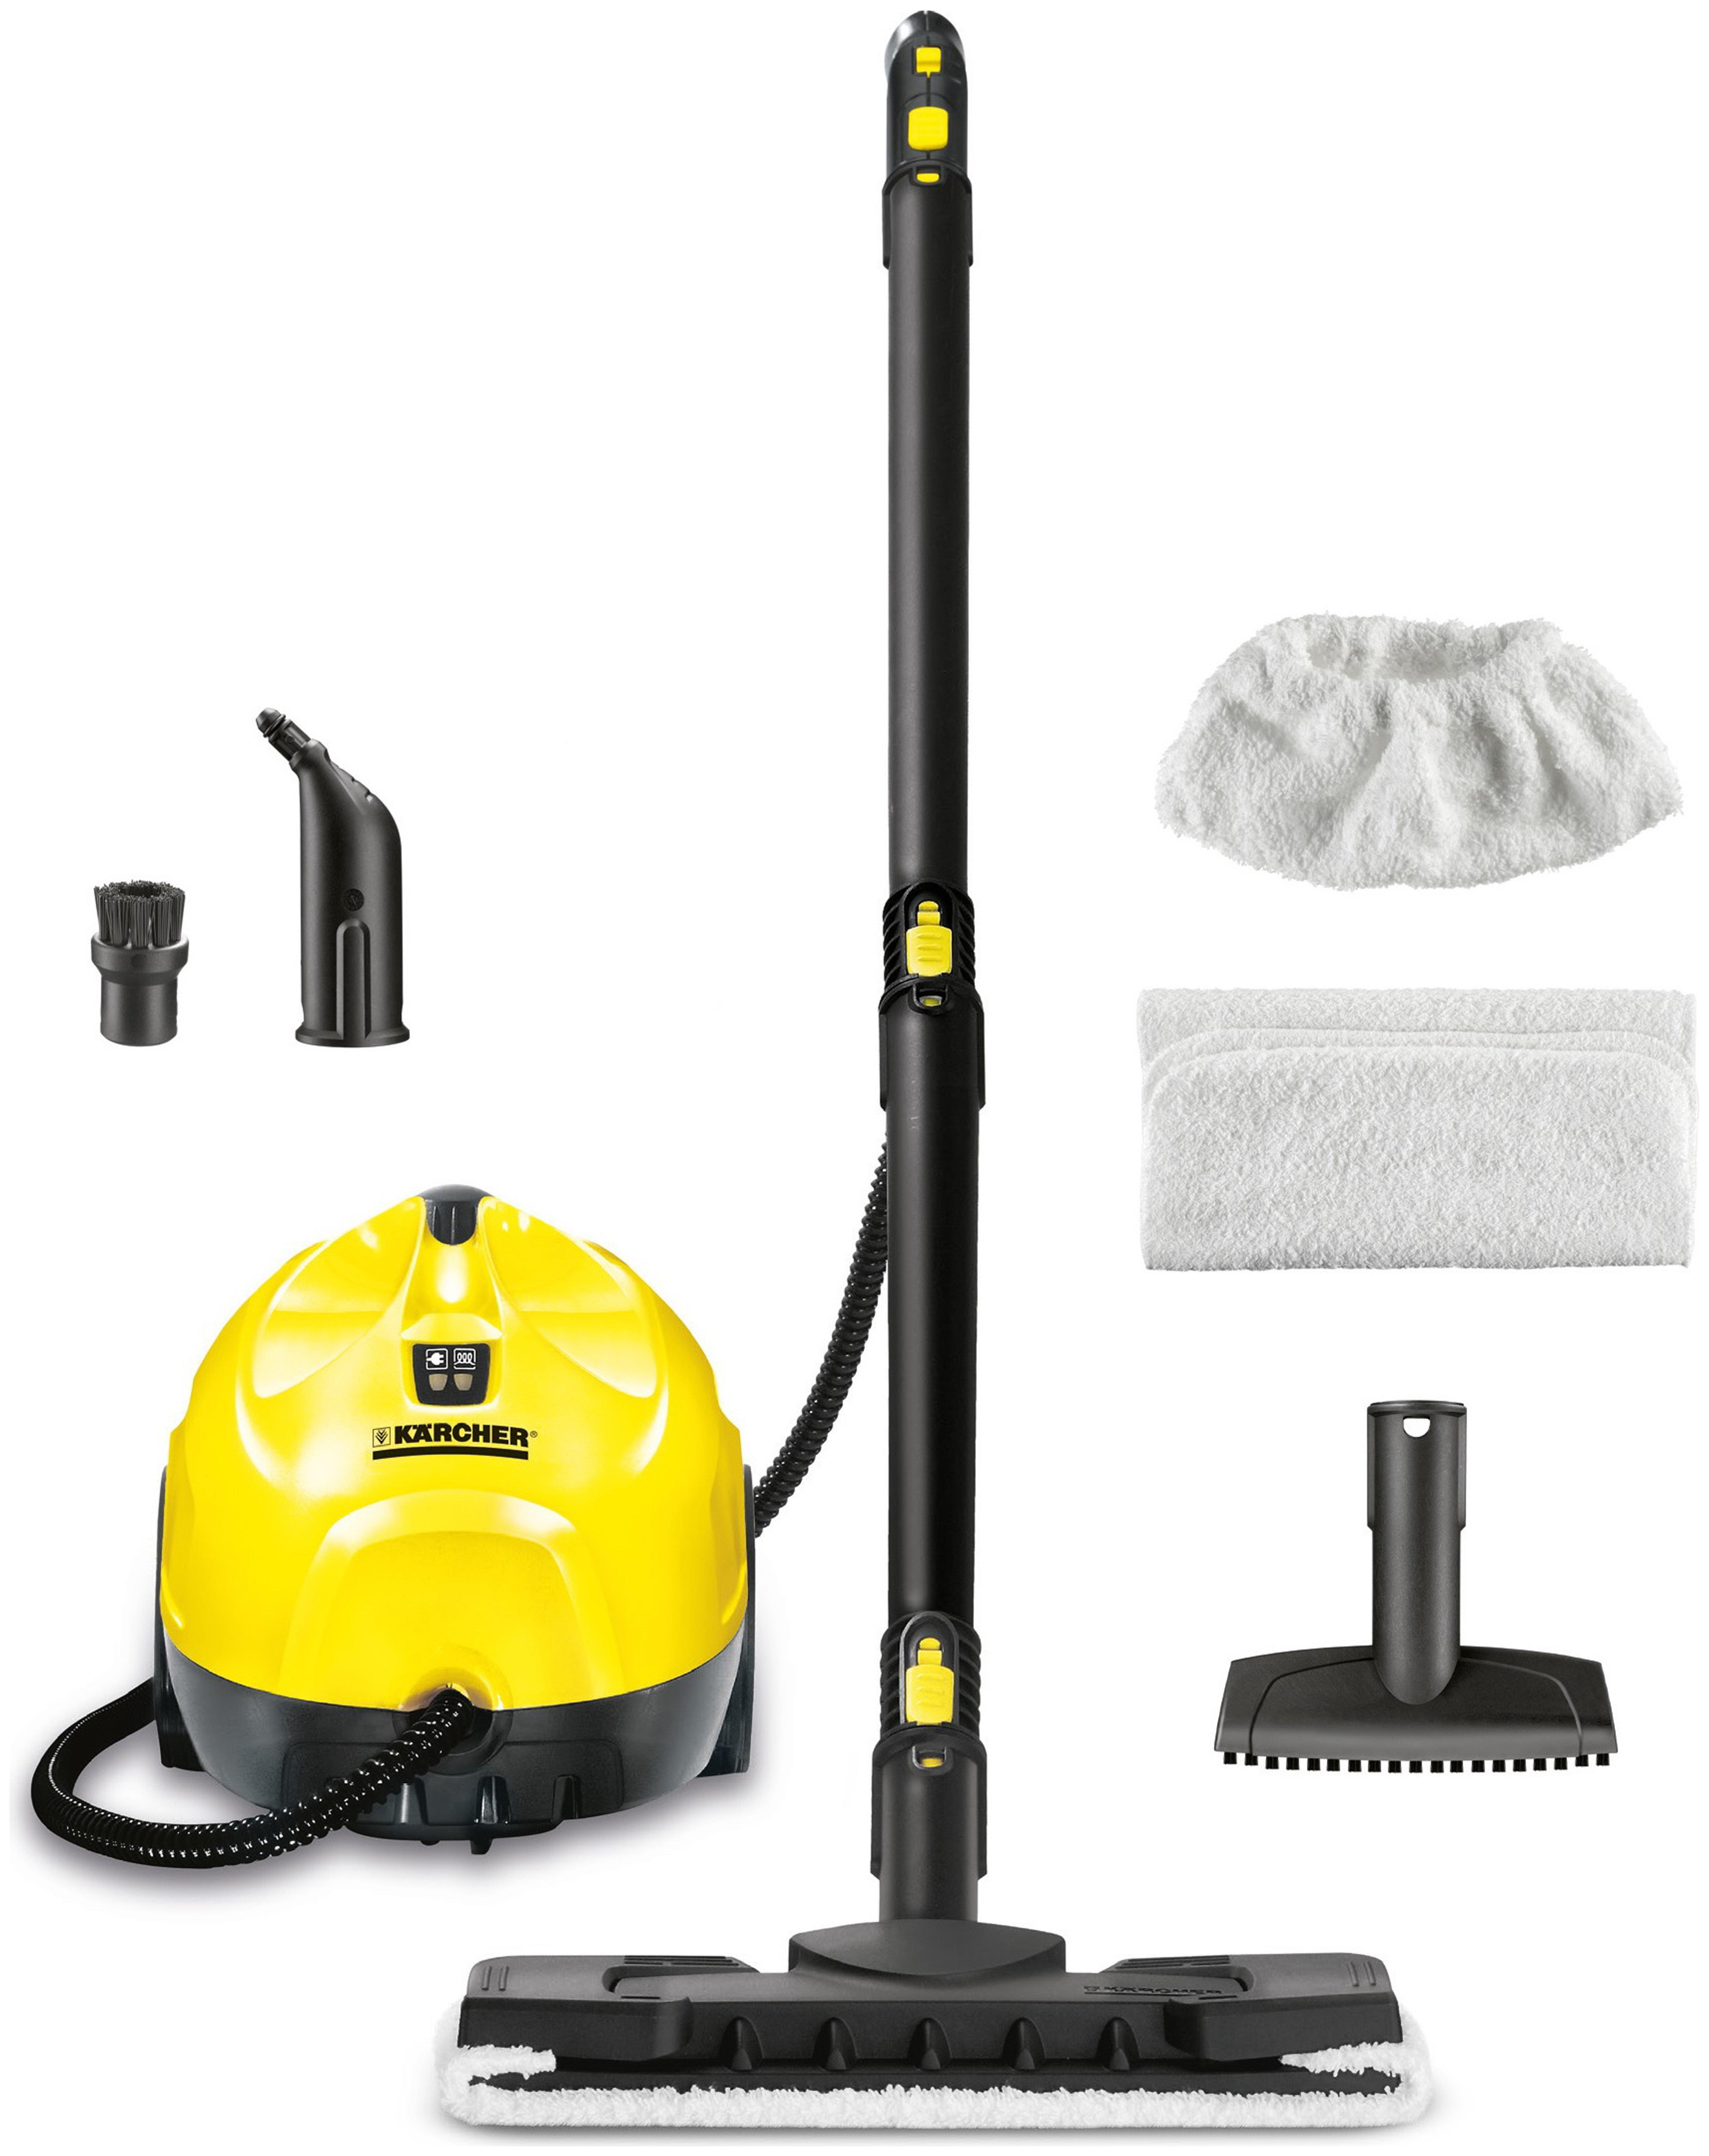 4054278040530 ean karcher sc2 multi purpose steam cleaner 1500 w upc lookup. Black Bedroom Furniture Sets. Home Design Ideas